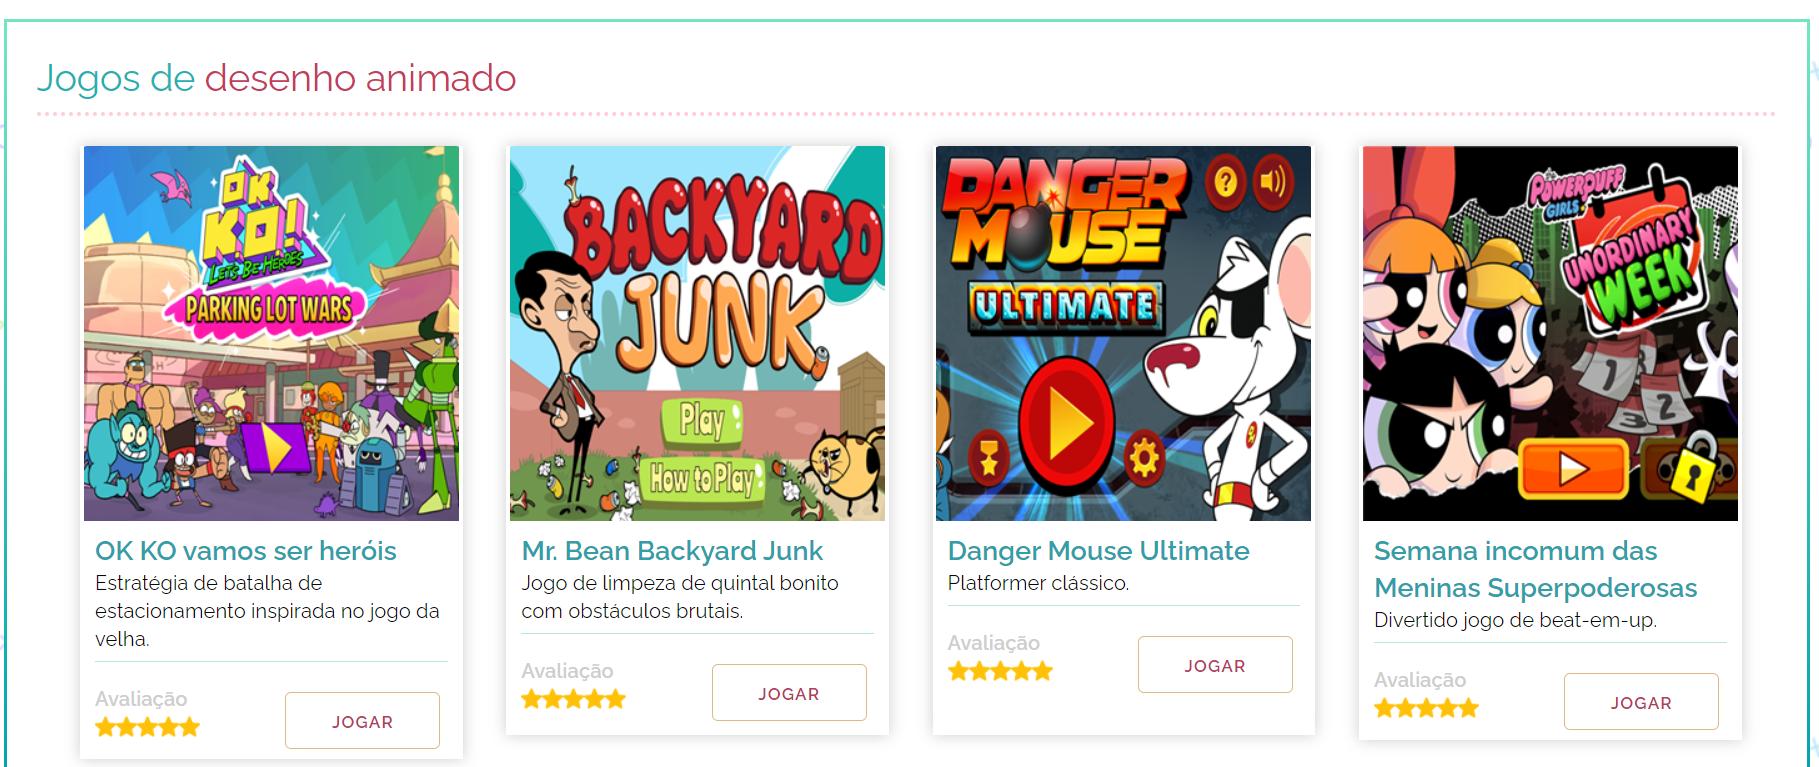 jogos de desenho animado